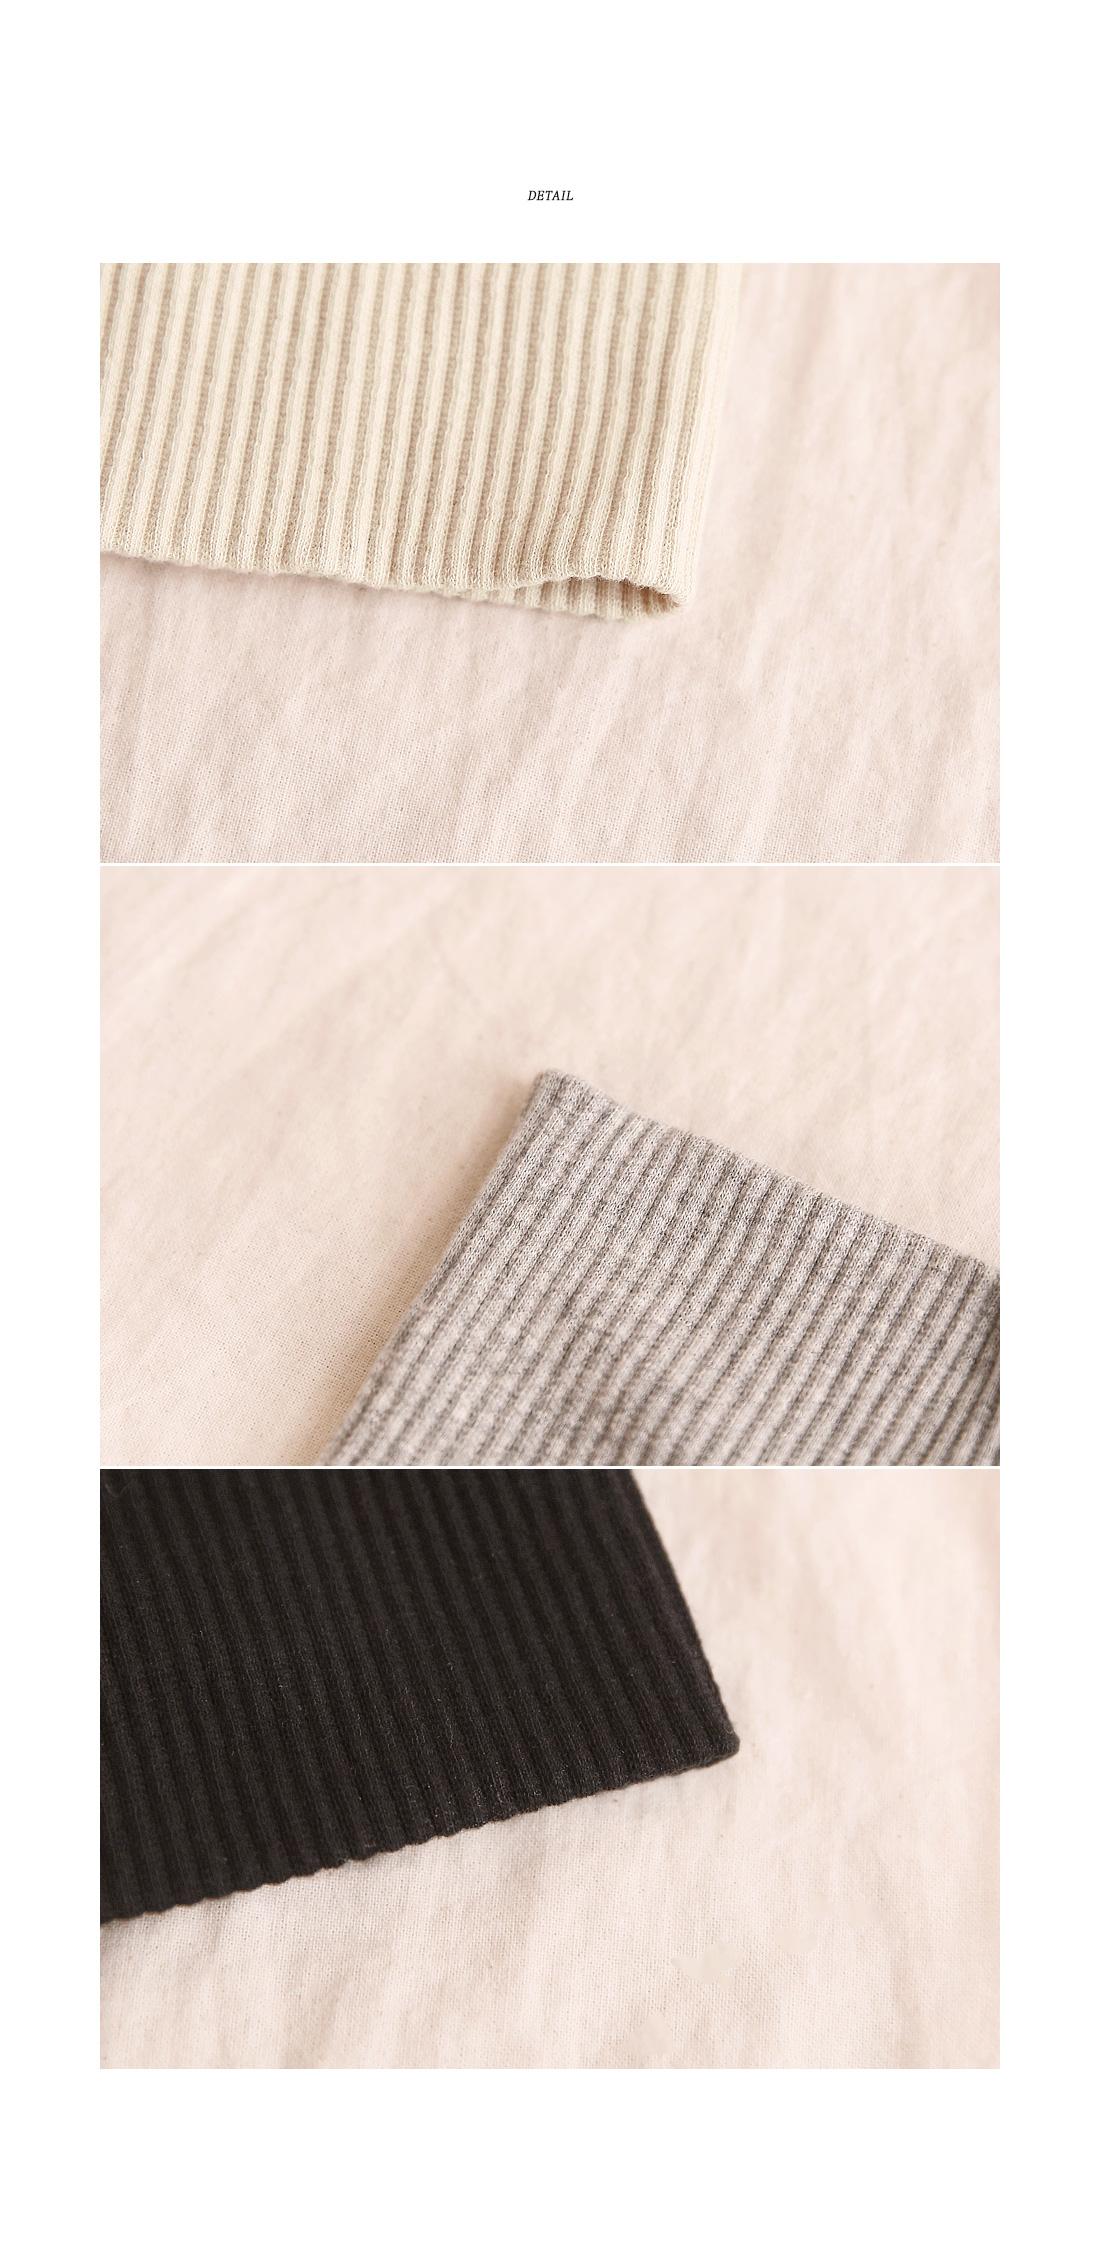 KYRA BASIC GOLGI HAIR TURBAN